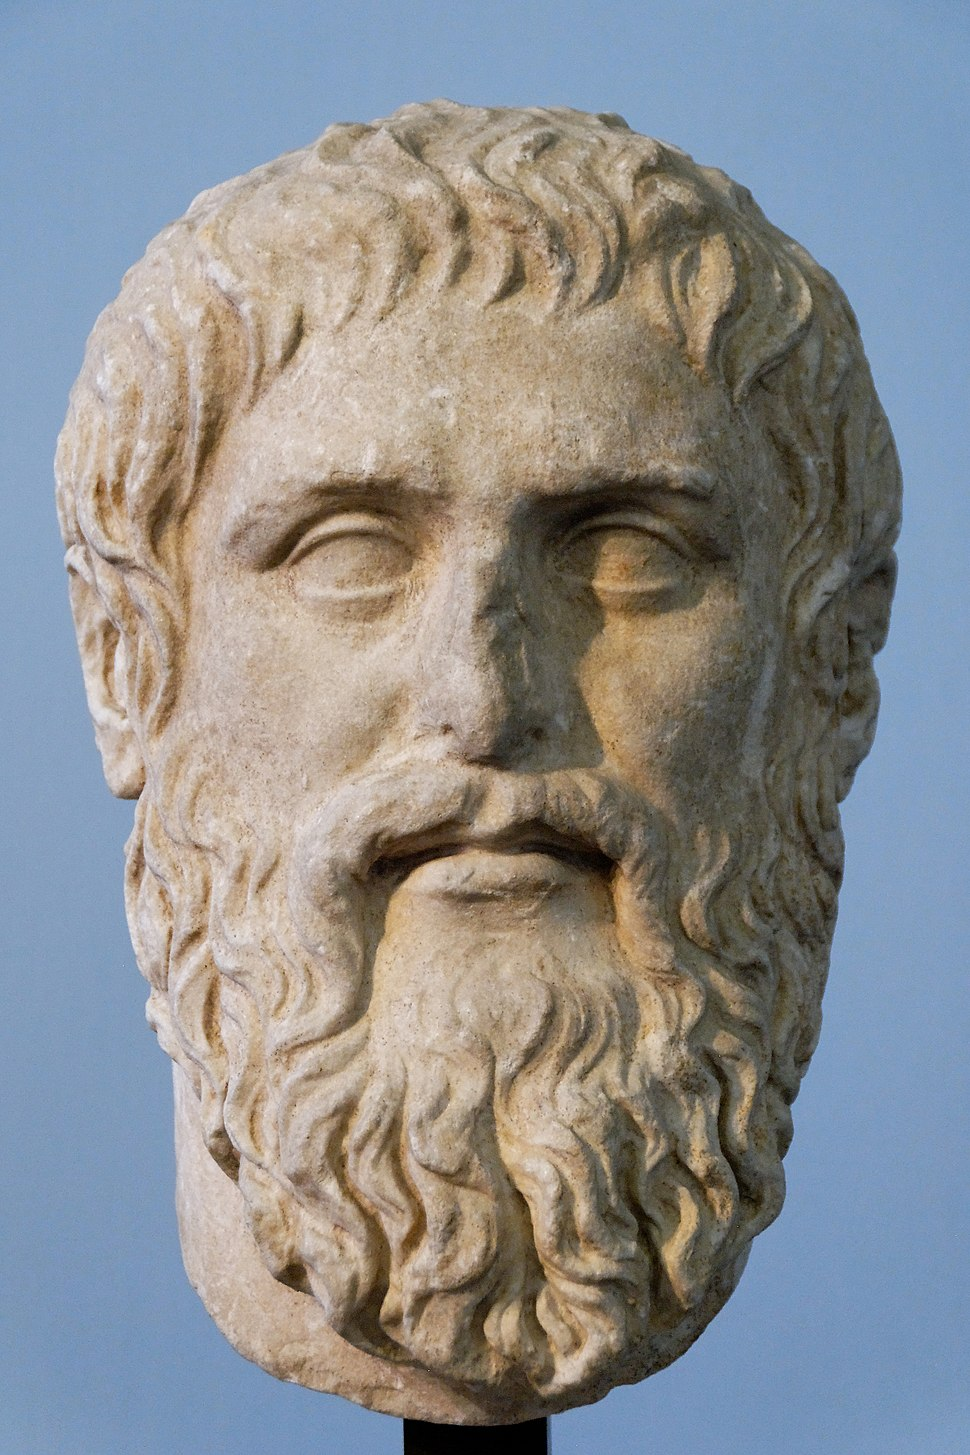 Plato Silanion Musei Capitolini MC1377